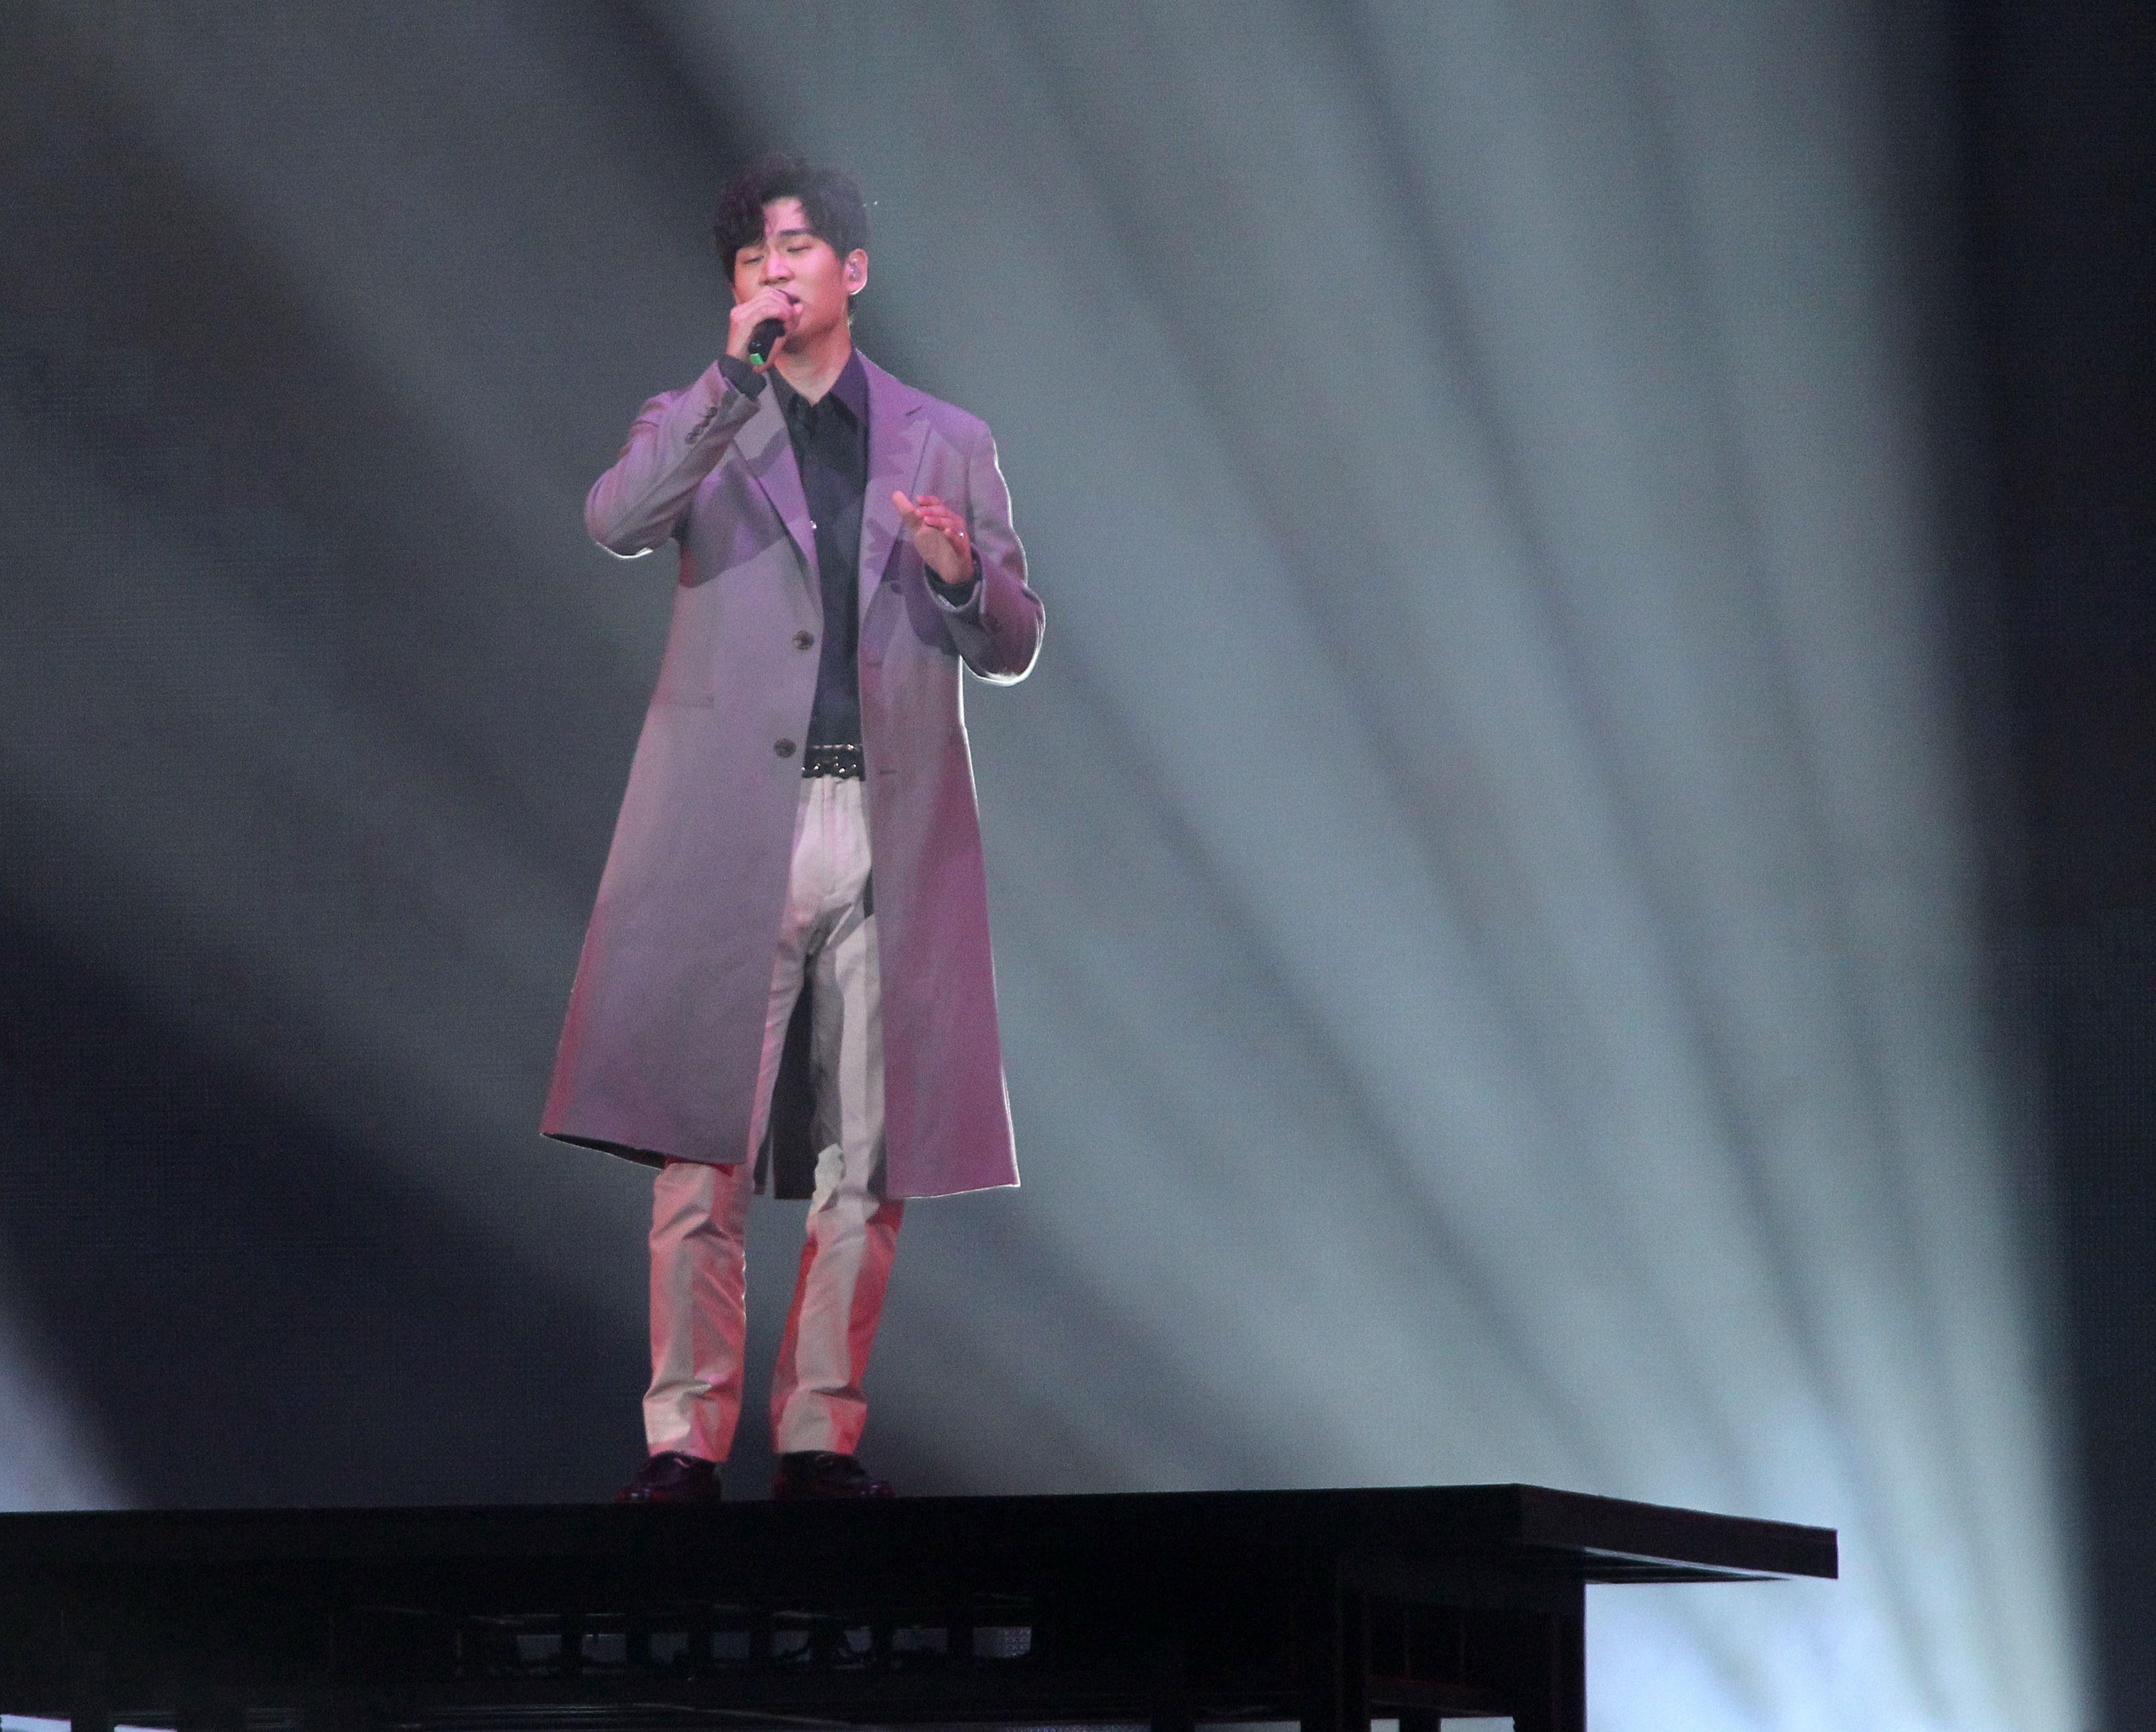 周興哲KKbox風雲榜演唱。(記者邱榮吉/攝影)